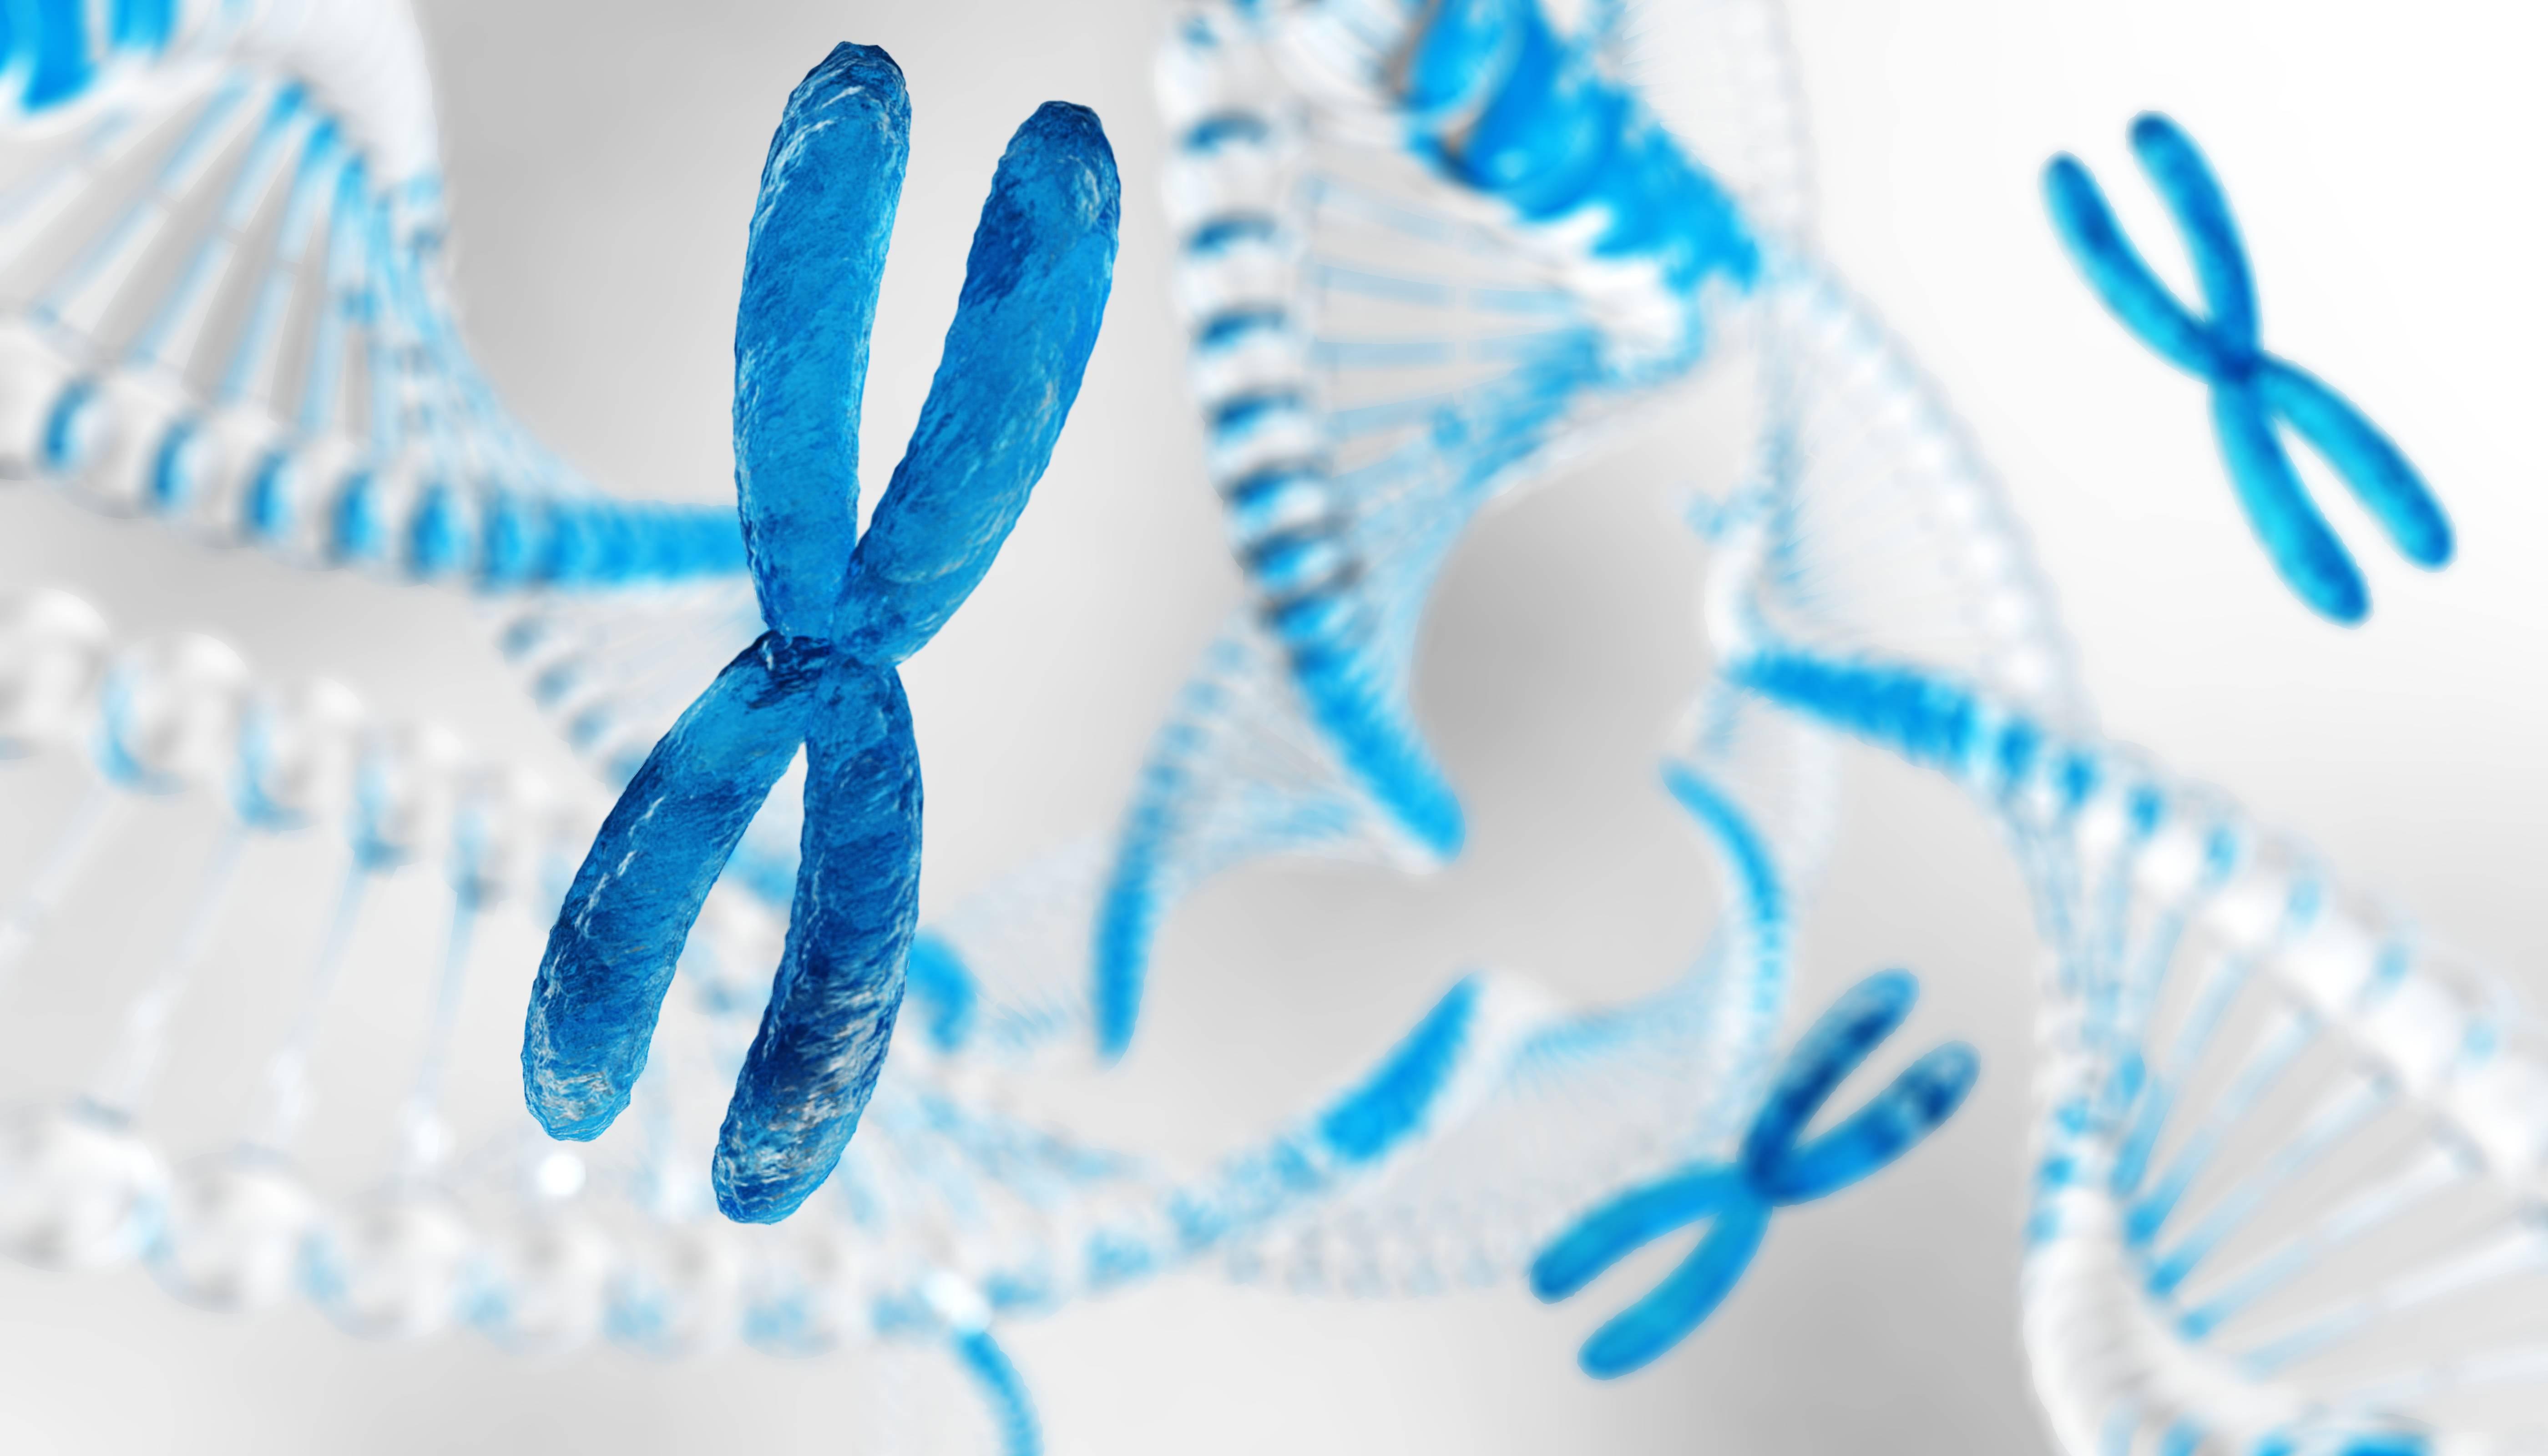 Chromosome - dna